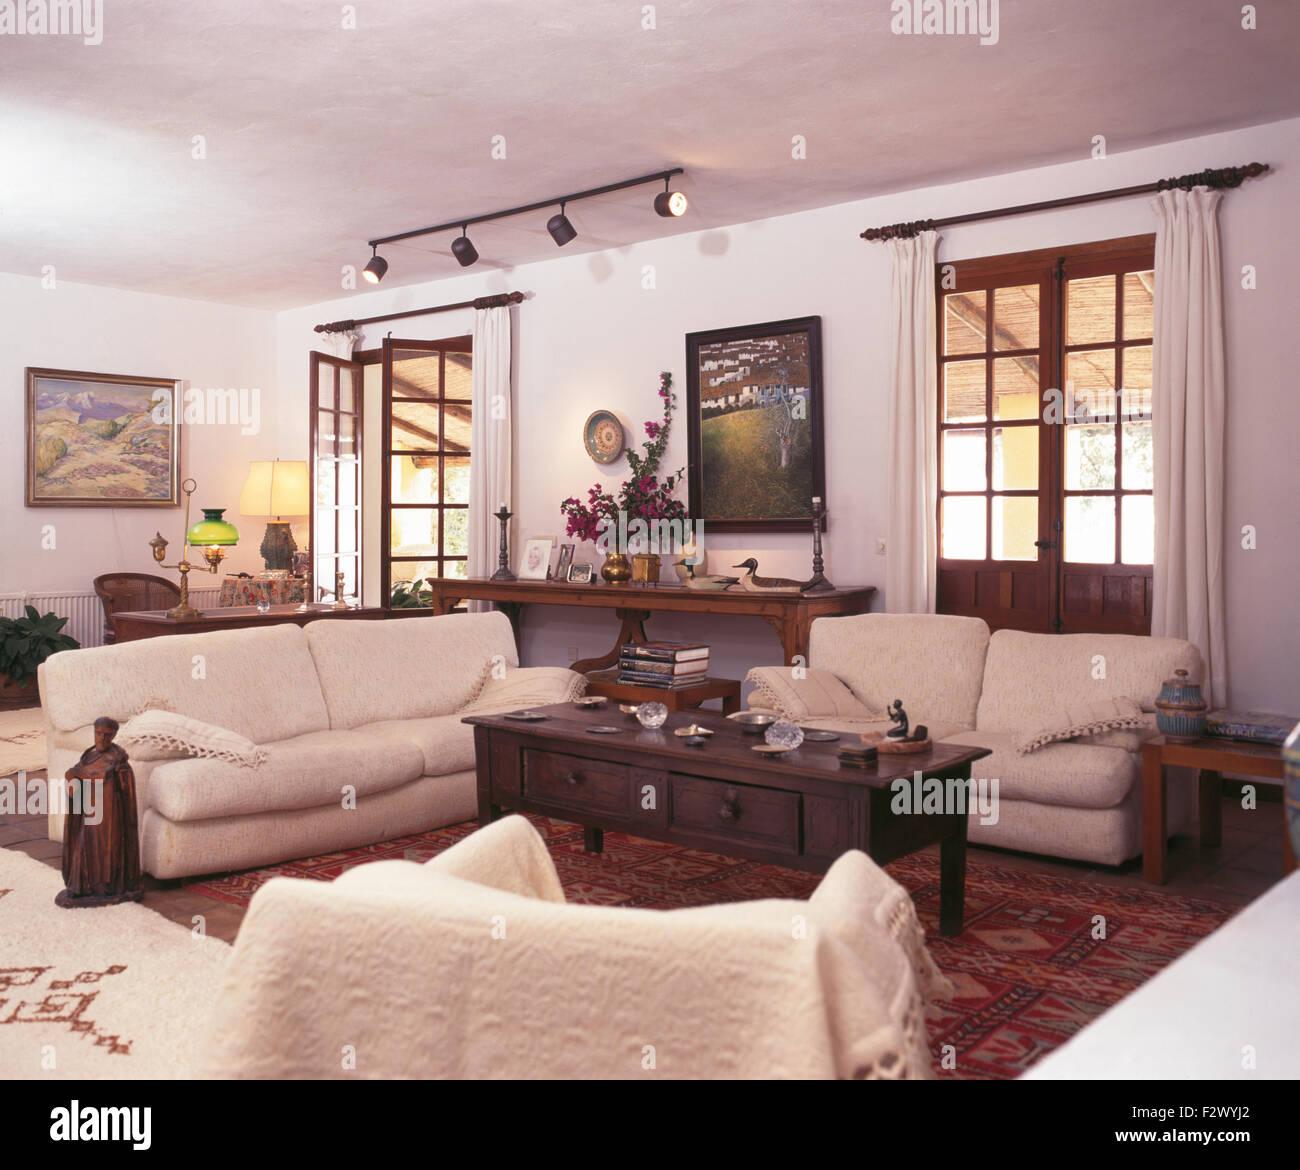 Cremefarbene Sofas Und Dunkles Holz Couchtisch In Weißen Spanischen  Wohnzimmer